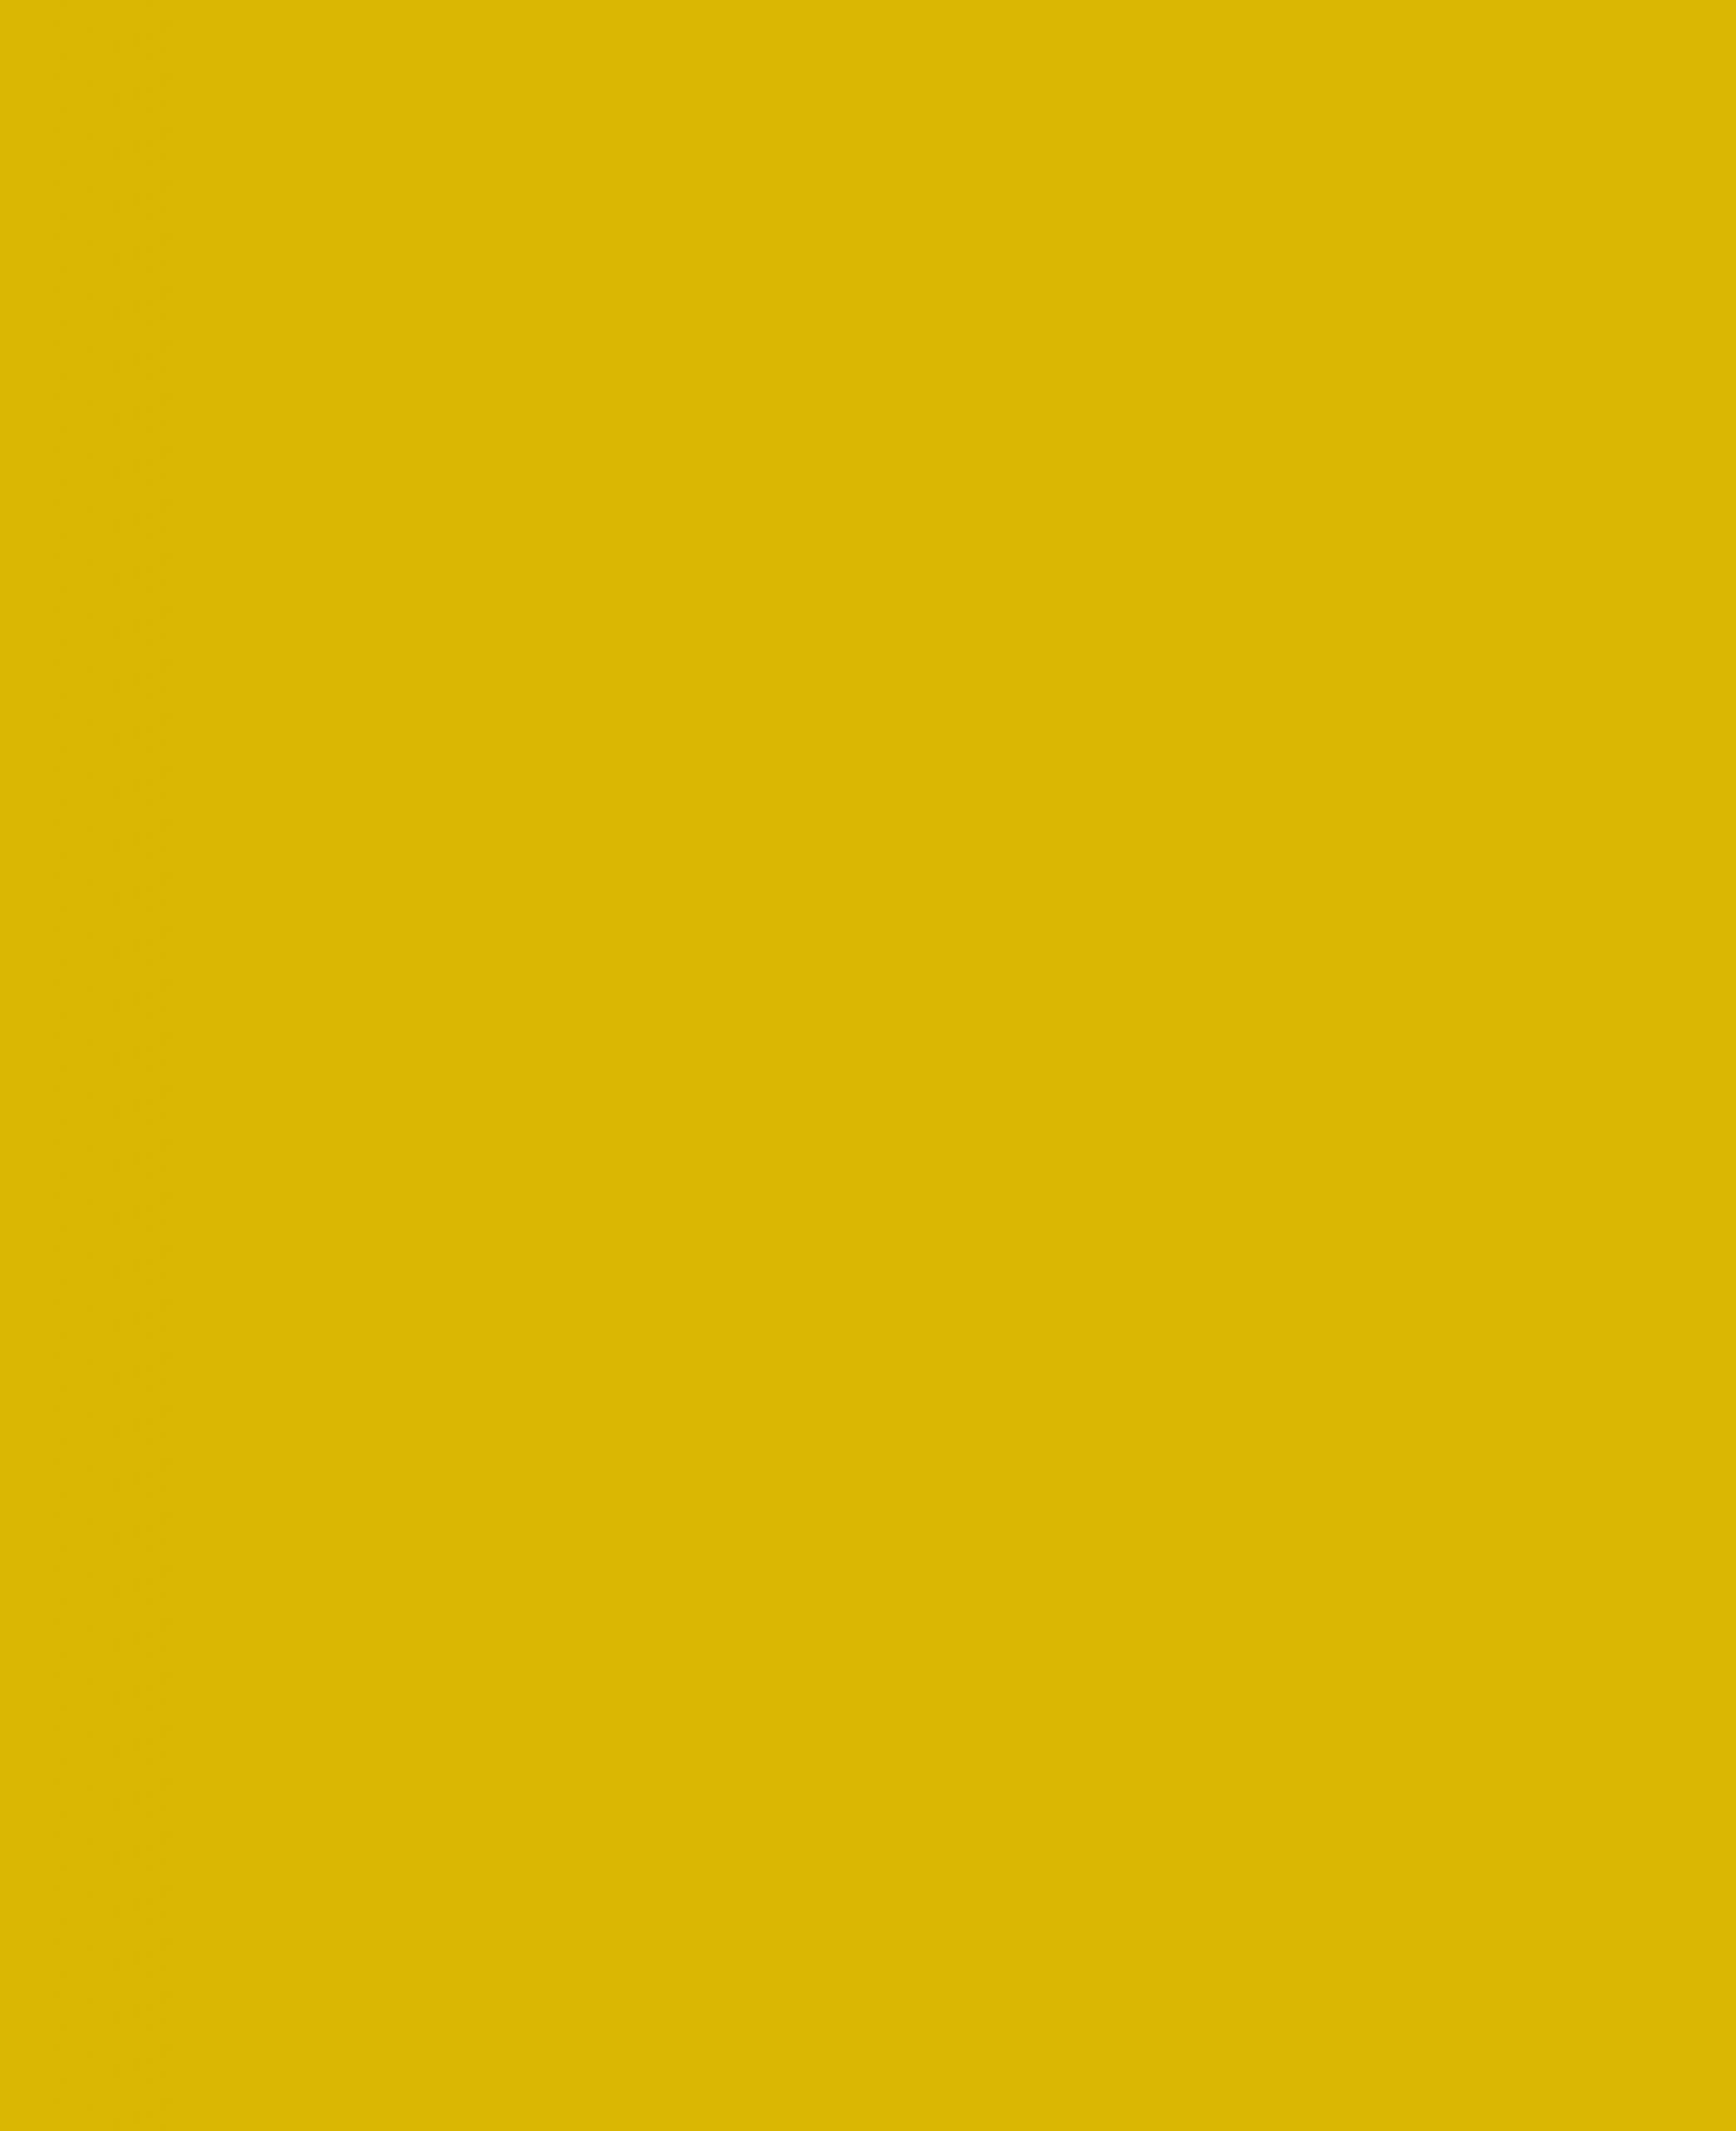 werkenalscommissaris_algemeneafbeelding_artikelen_geel